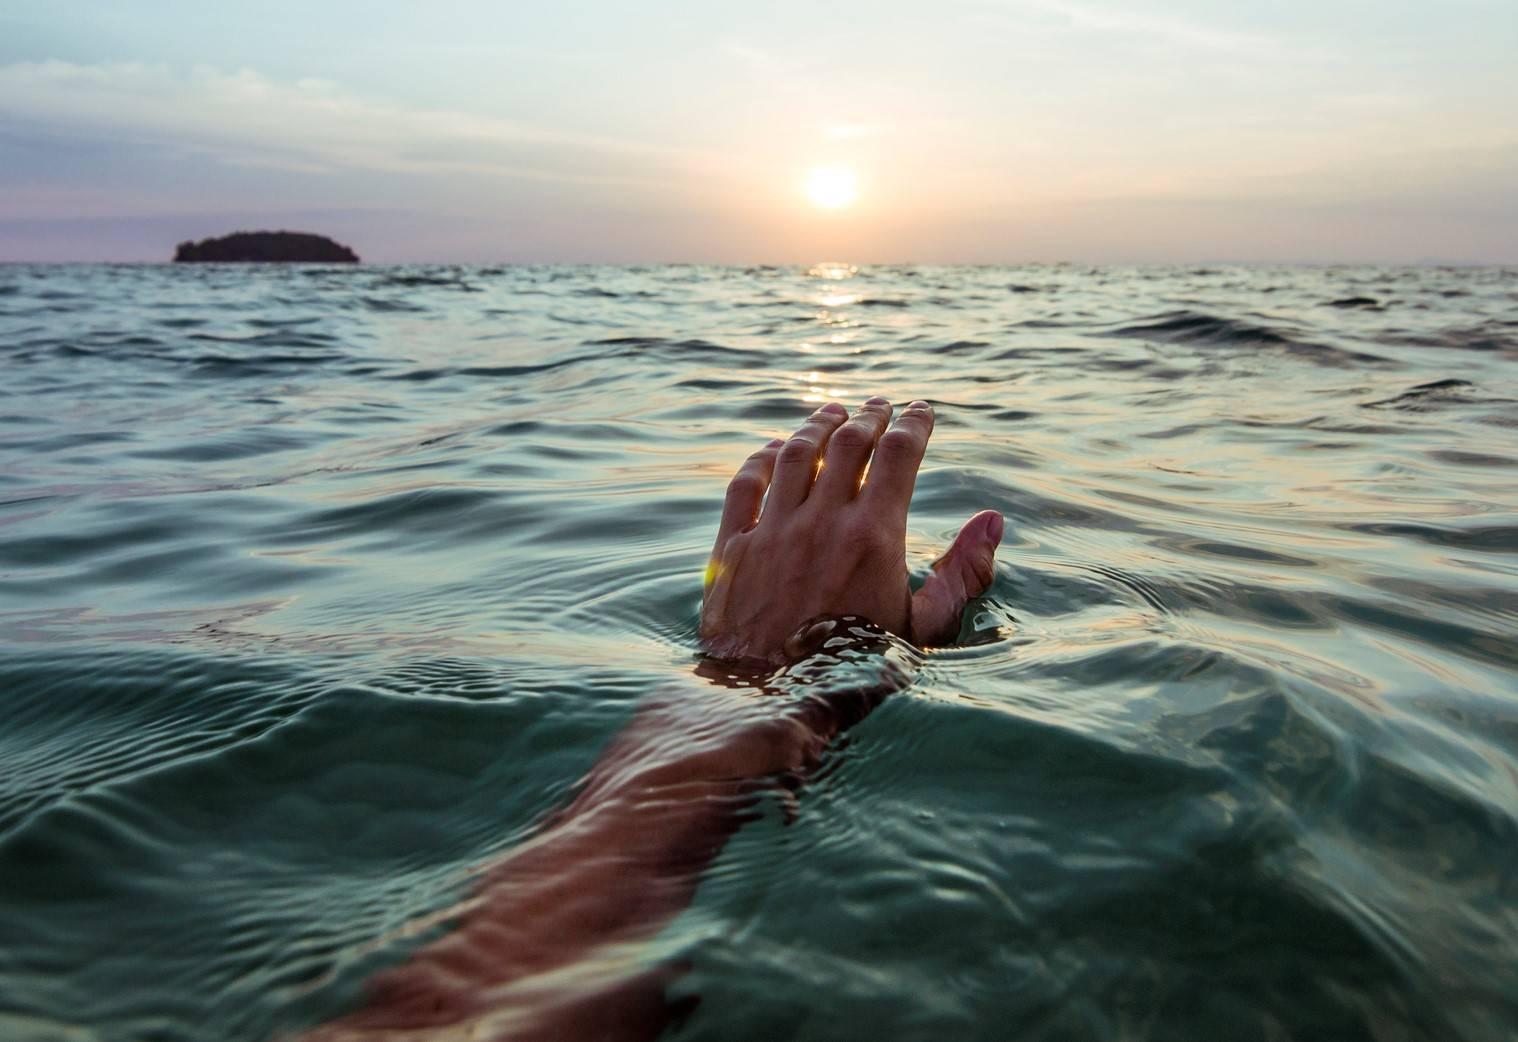 www.juicysantos.com.br - pessoa atravessa o mar a nado